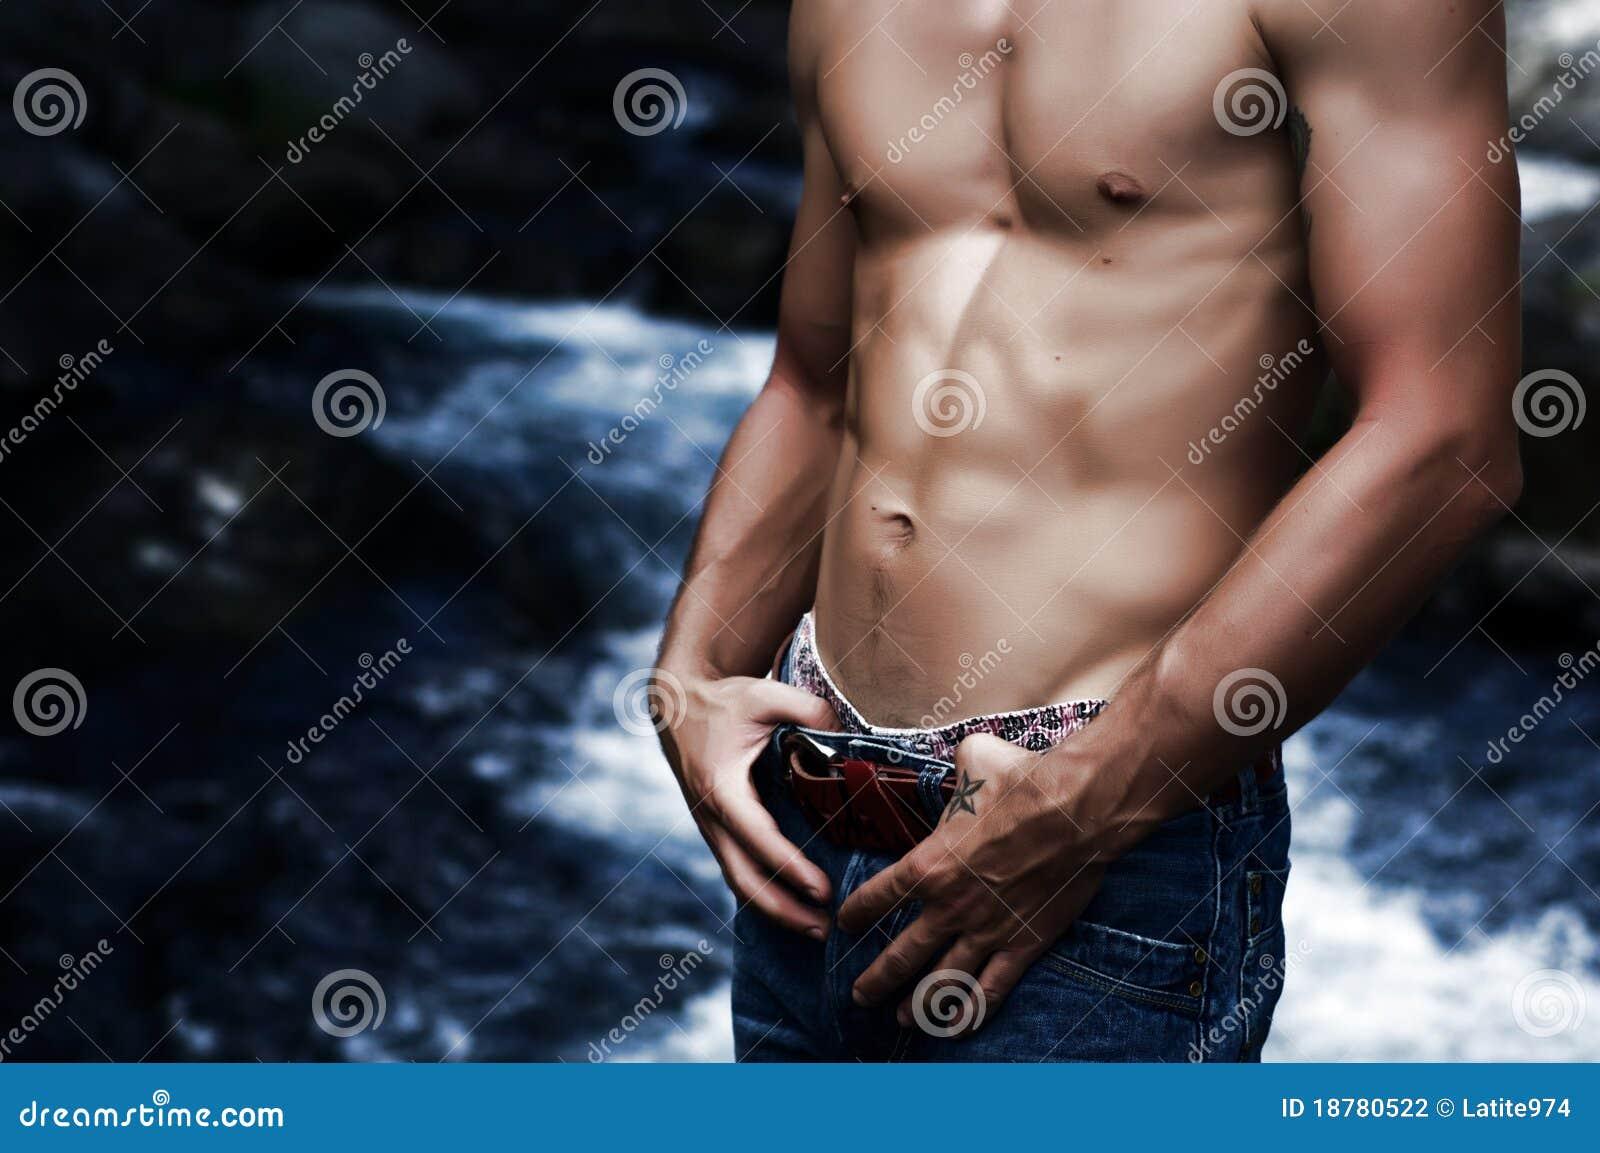 Estômago  sexy  do man